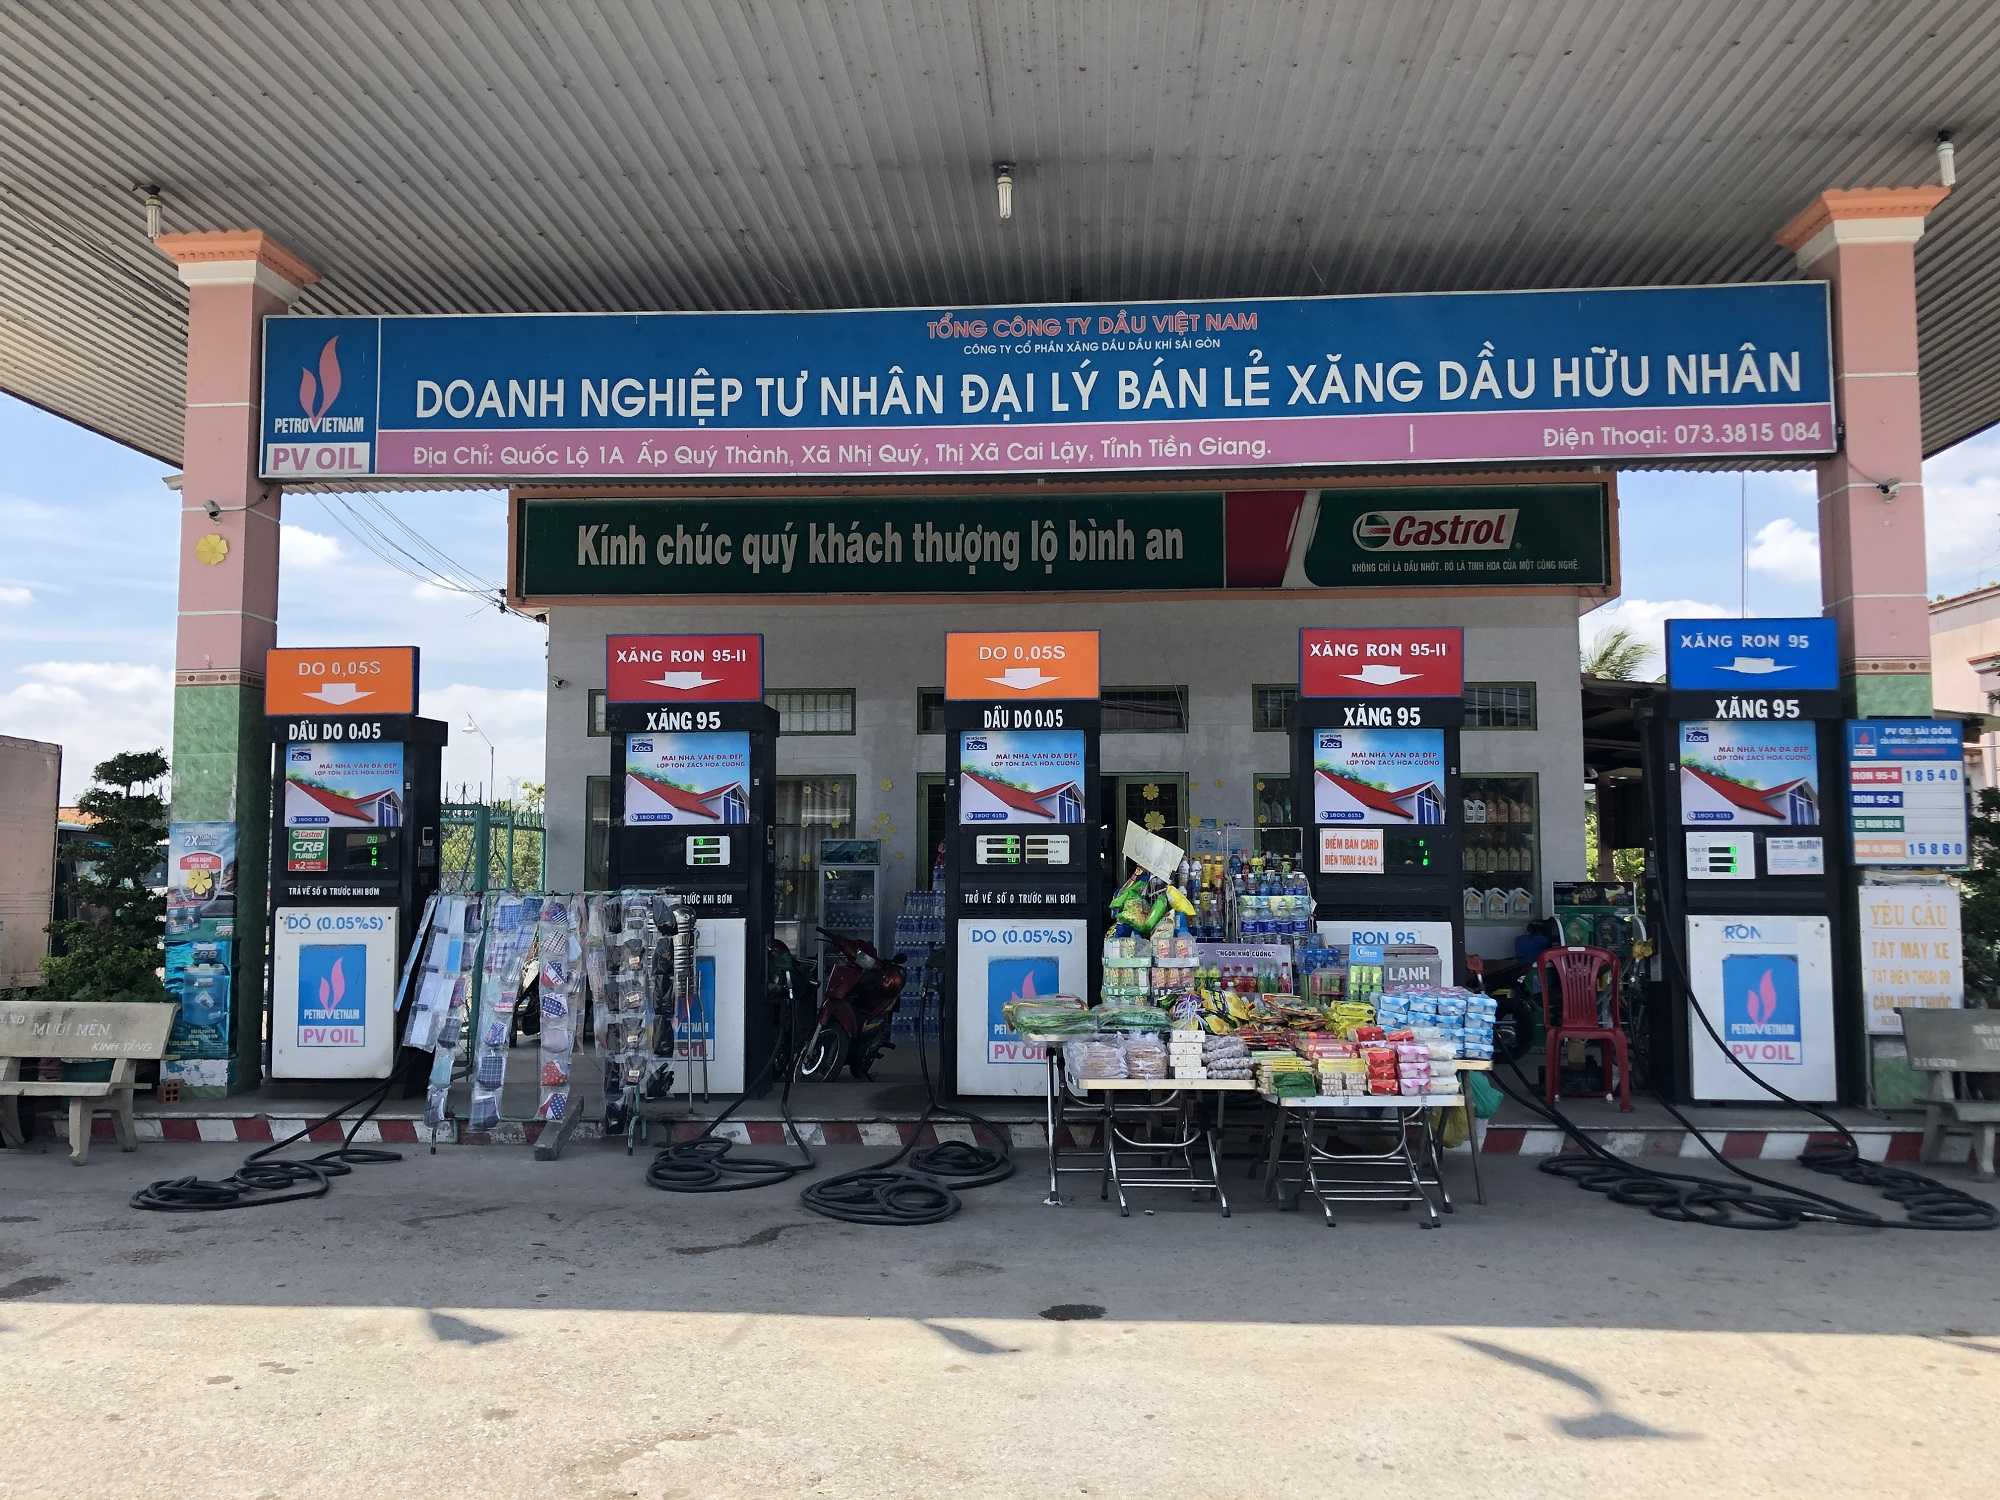 Quảng cáo CHXD Hữu Nhân Ql 1A, Quý Thành, Nhị Quý, Cai Lậy, Tiền Giang